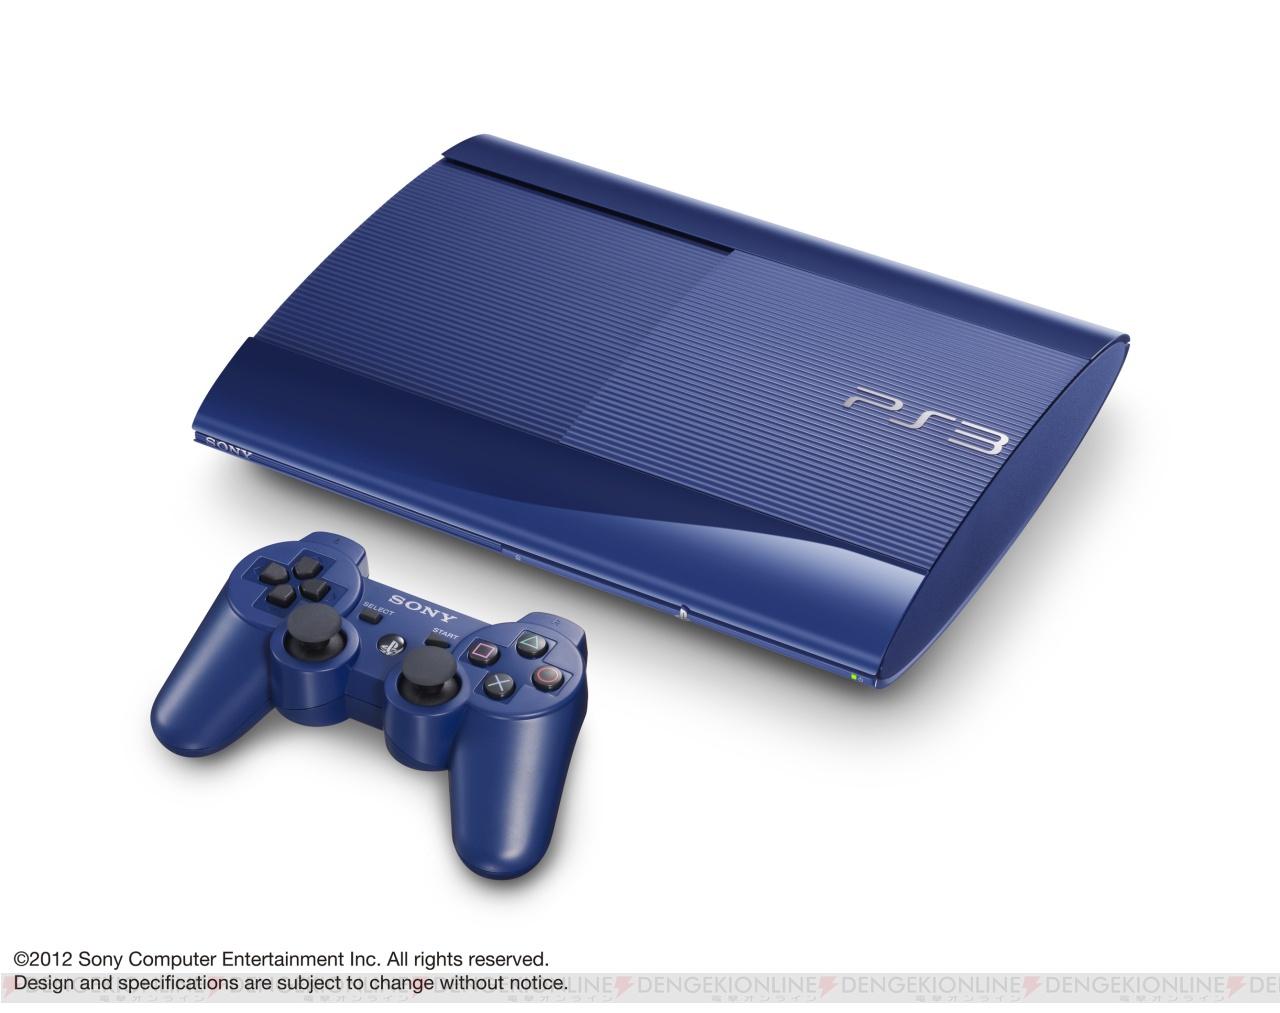 PS3新色!PS3発売から6年経ったの知ってた?ちなみにPS3が発売されたのはPS2発売してから6年目だったん